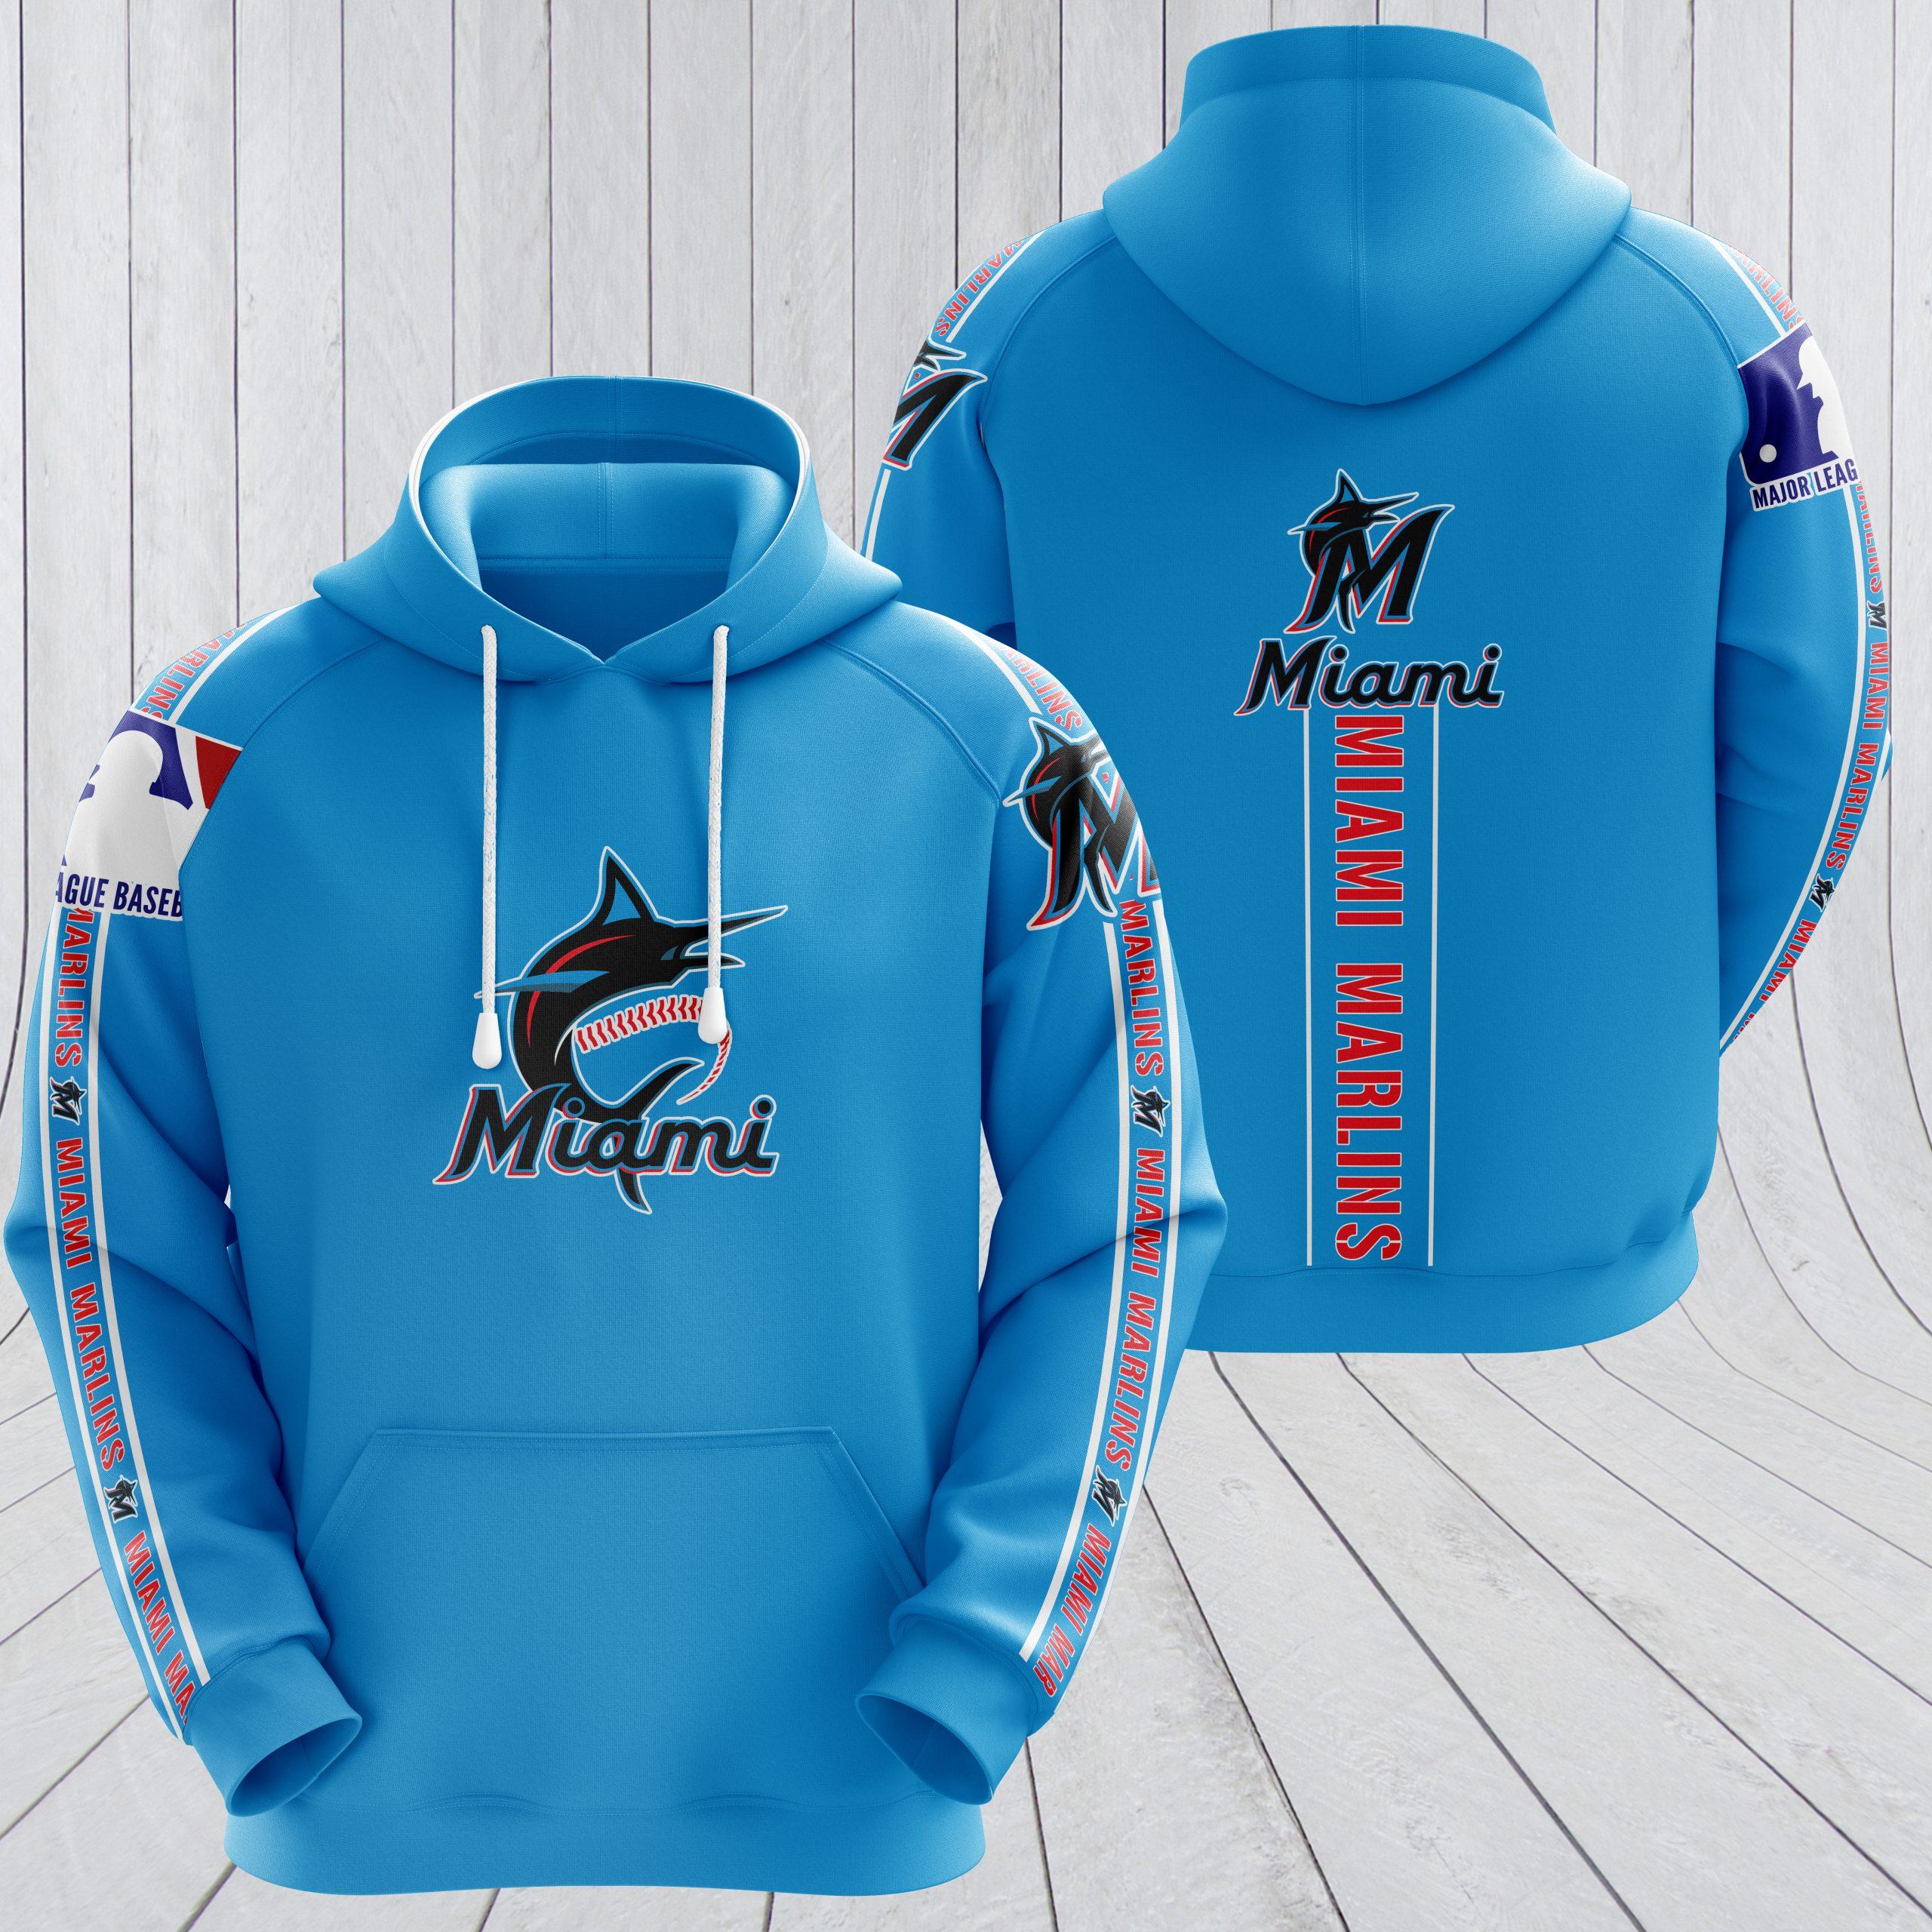 MLB miami marlins full printing hoodie - teal